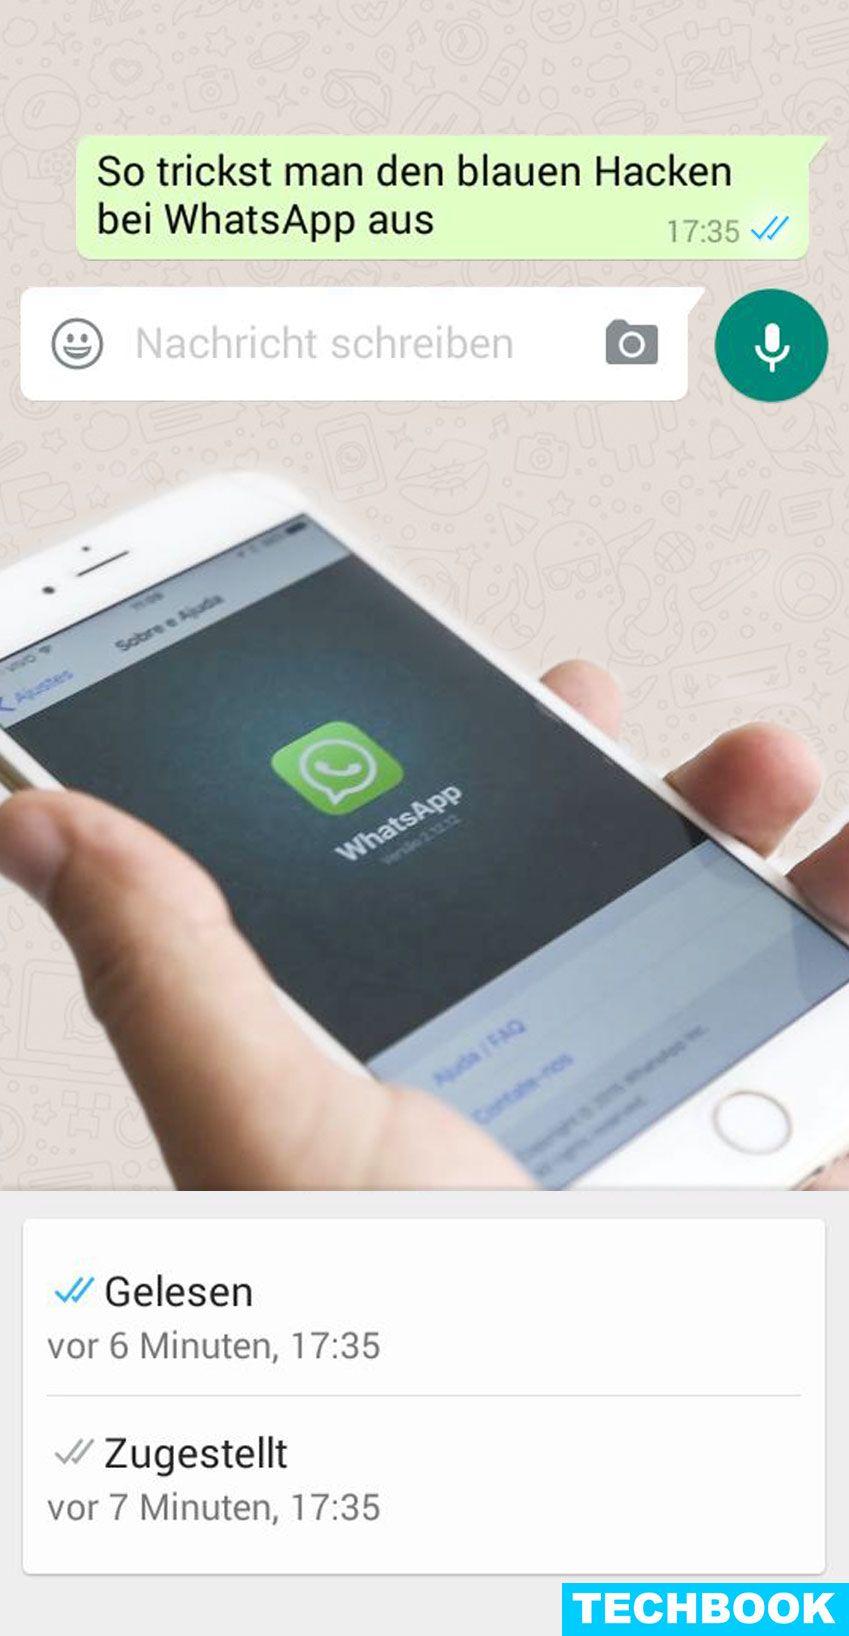 So Trickst Man Den Blauen Haken Bei Whatsapp Aus Whatsapp